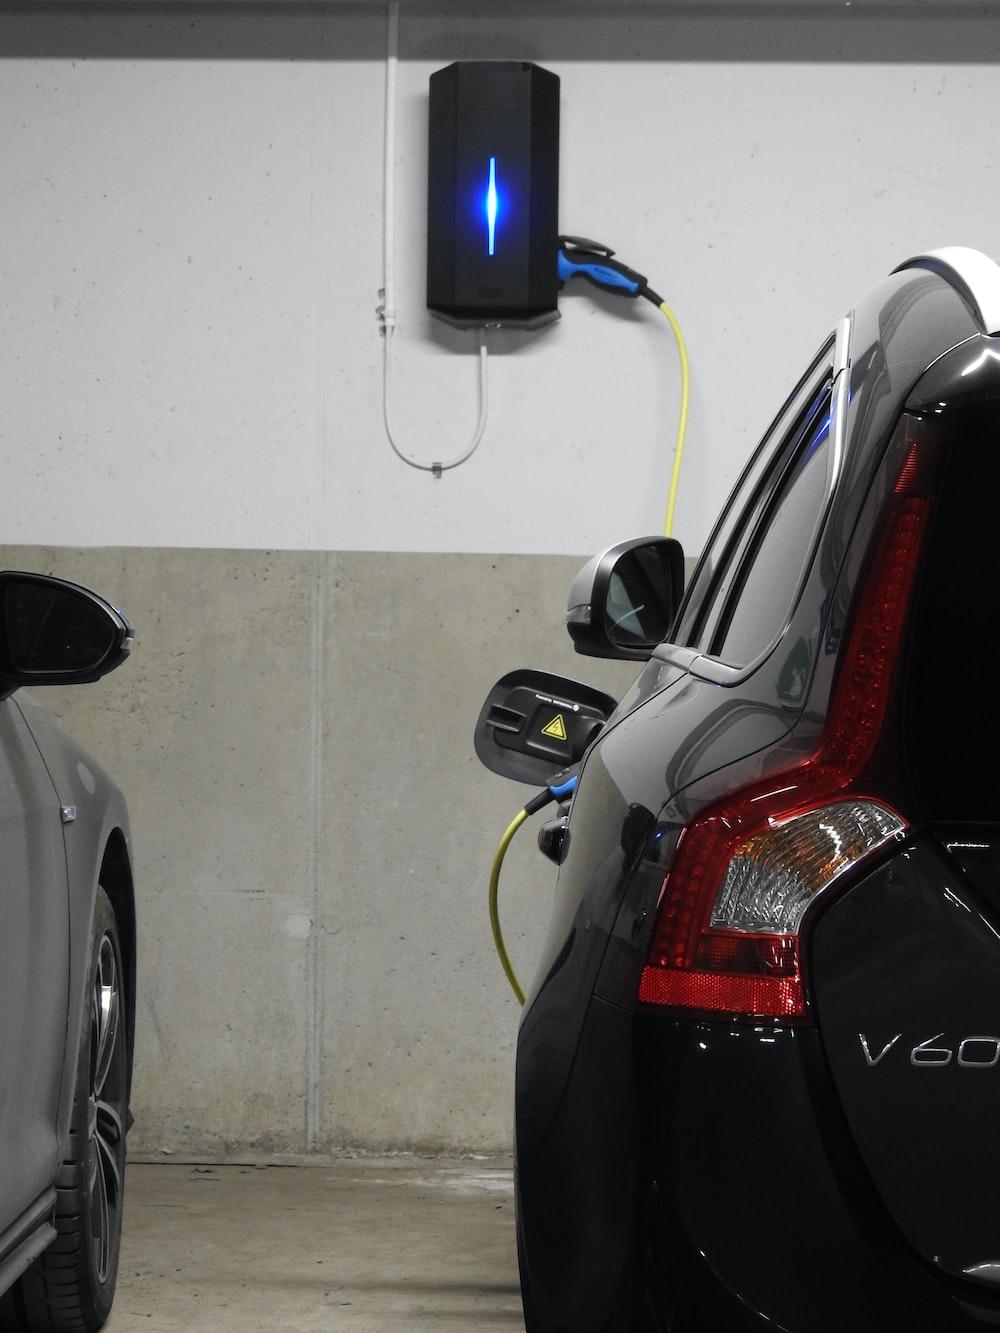 black V60 hatchback